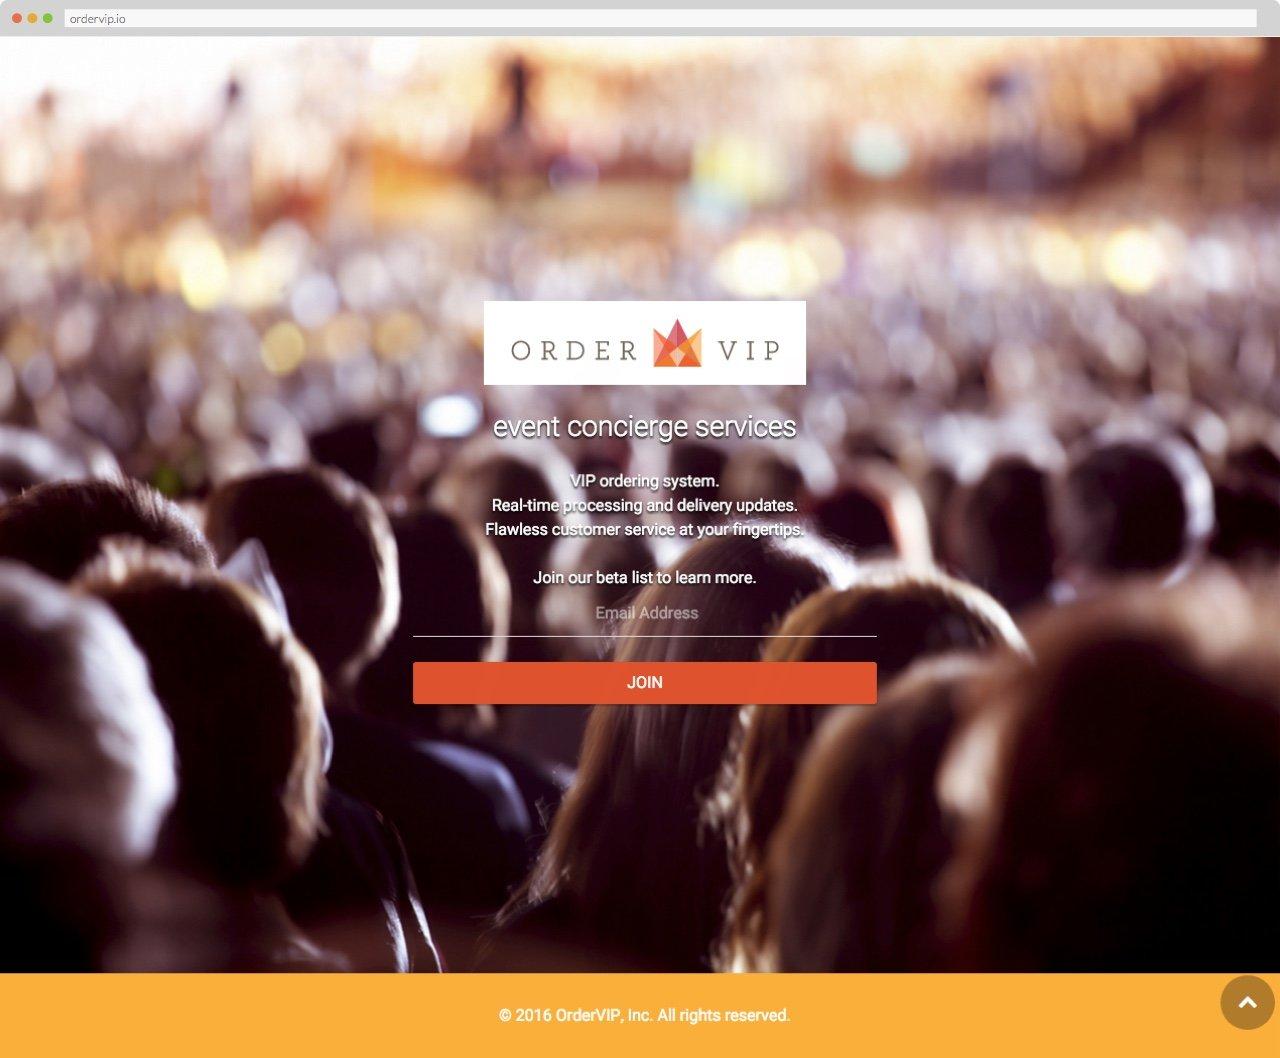 OrderVIP Homepage